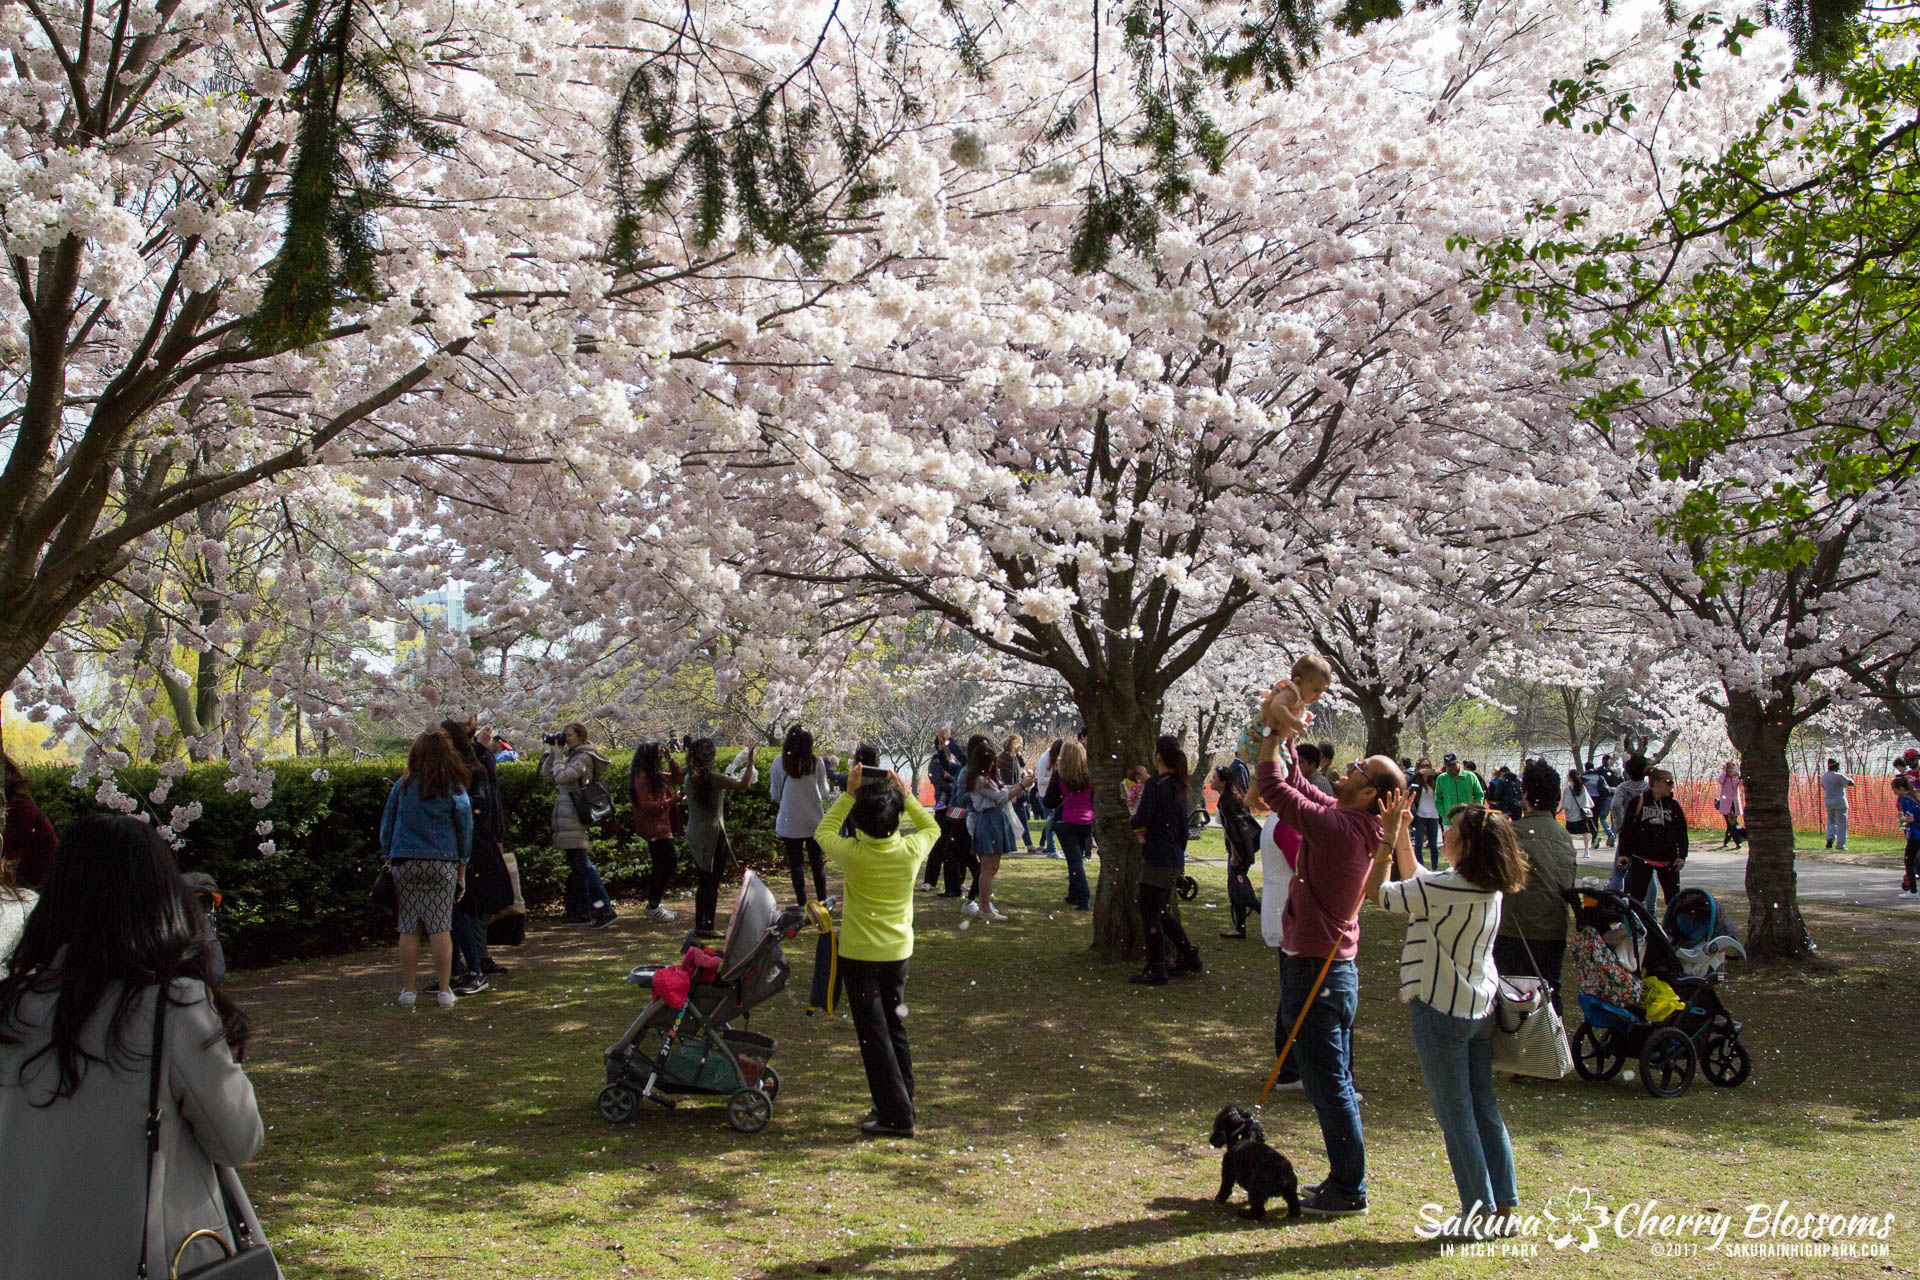 Sakura-Watch-April-28-2017-full-bloom-throughout-High-Park-5778.jpg